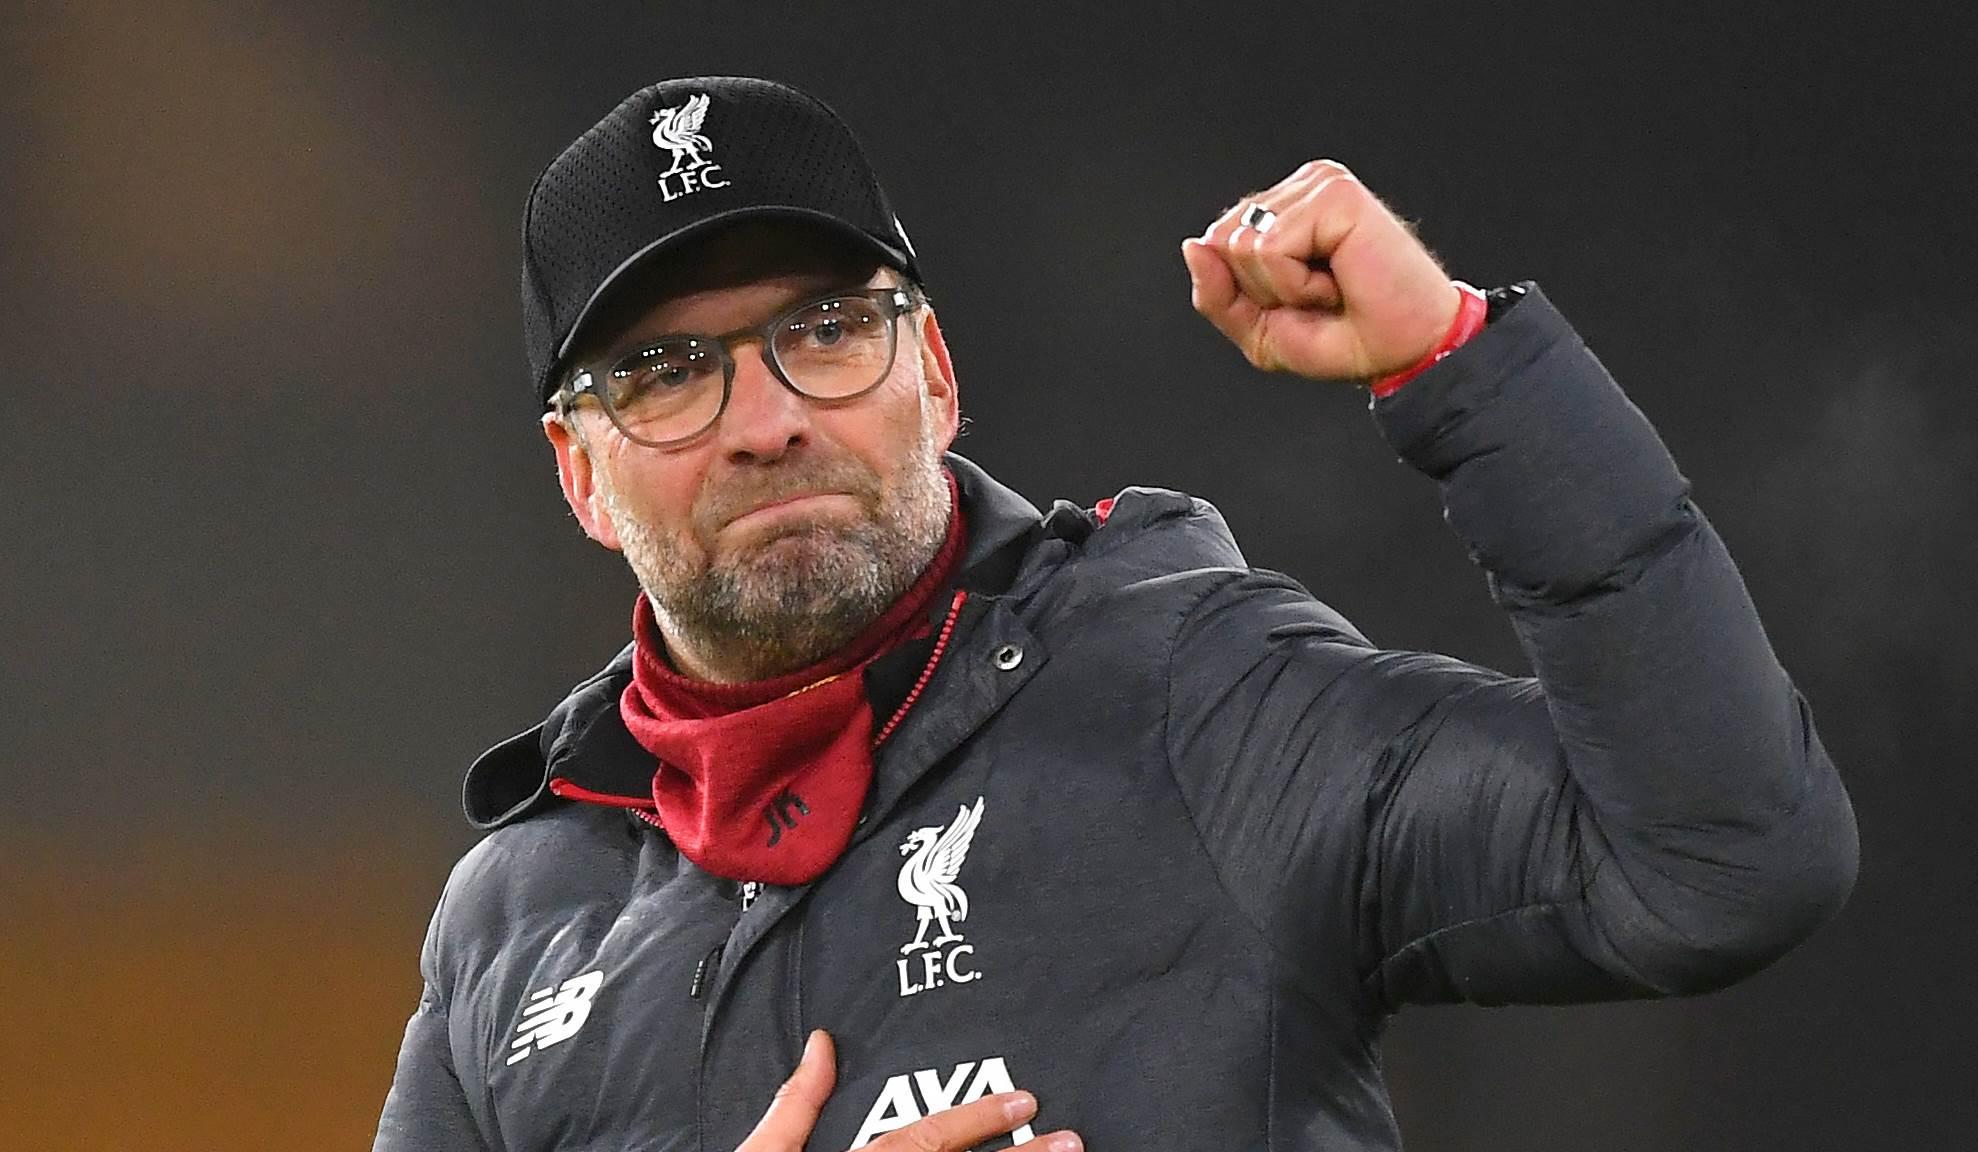 تقارير.. ترشيح 4 مدربين لخلافة كلوب في ليفربول